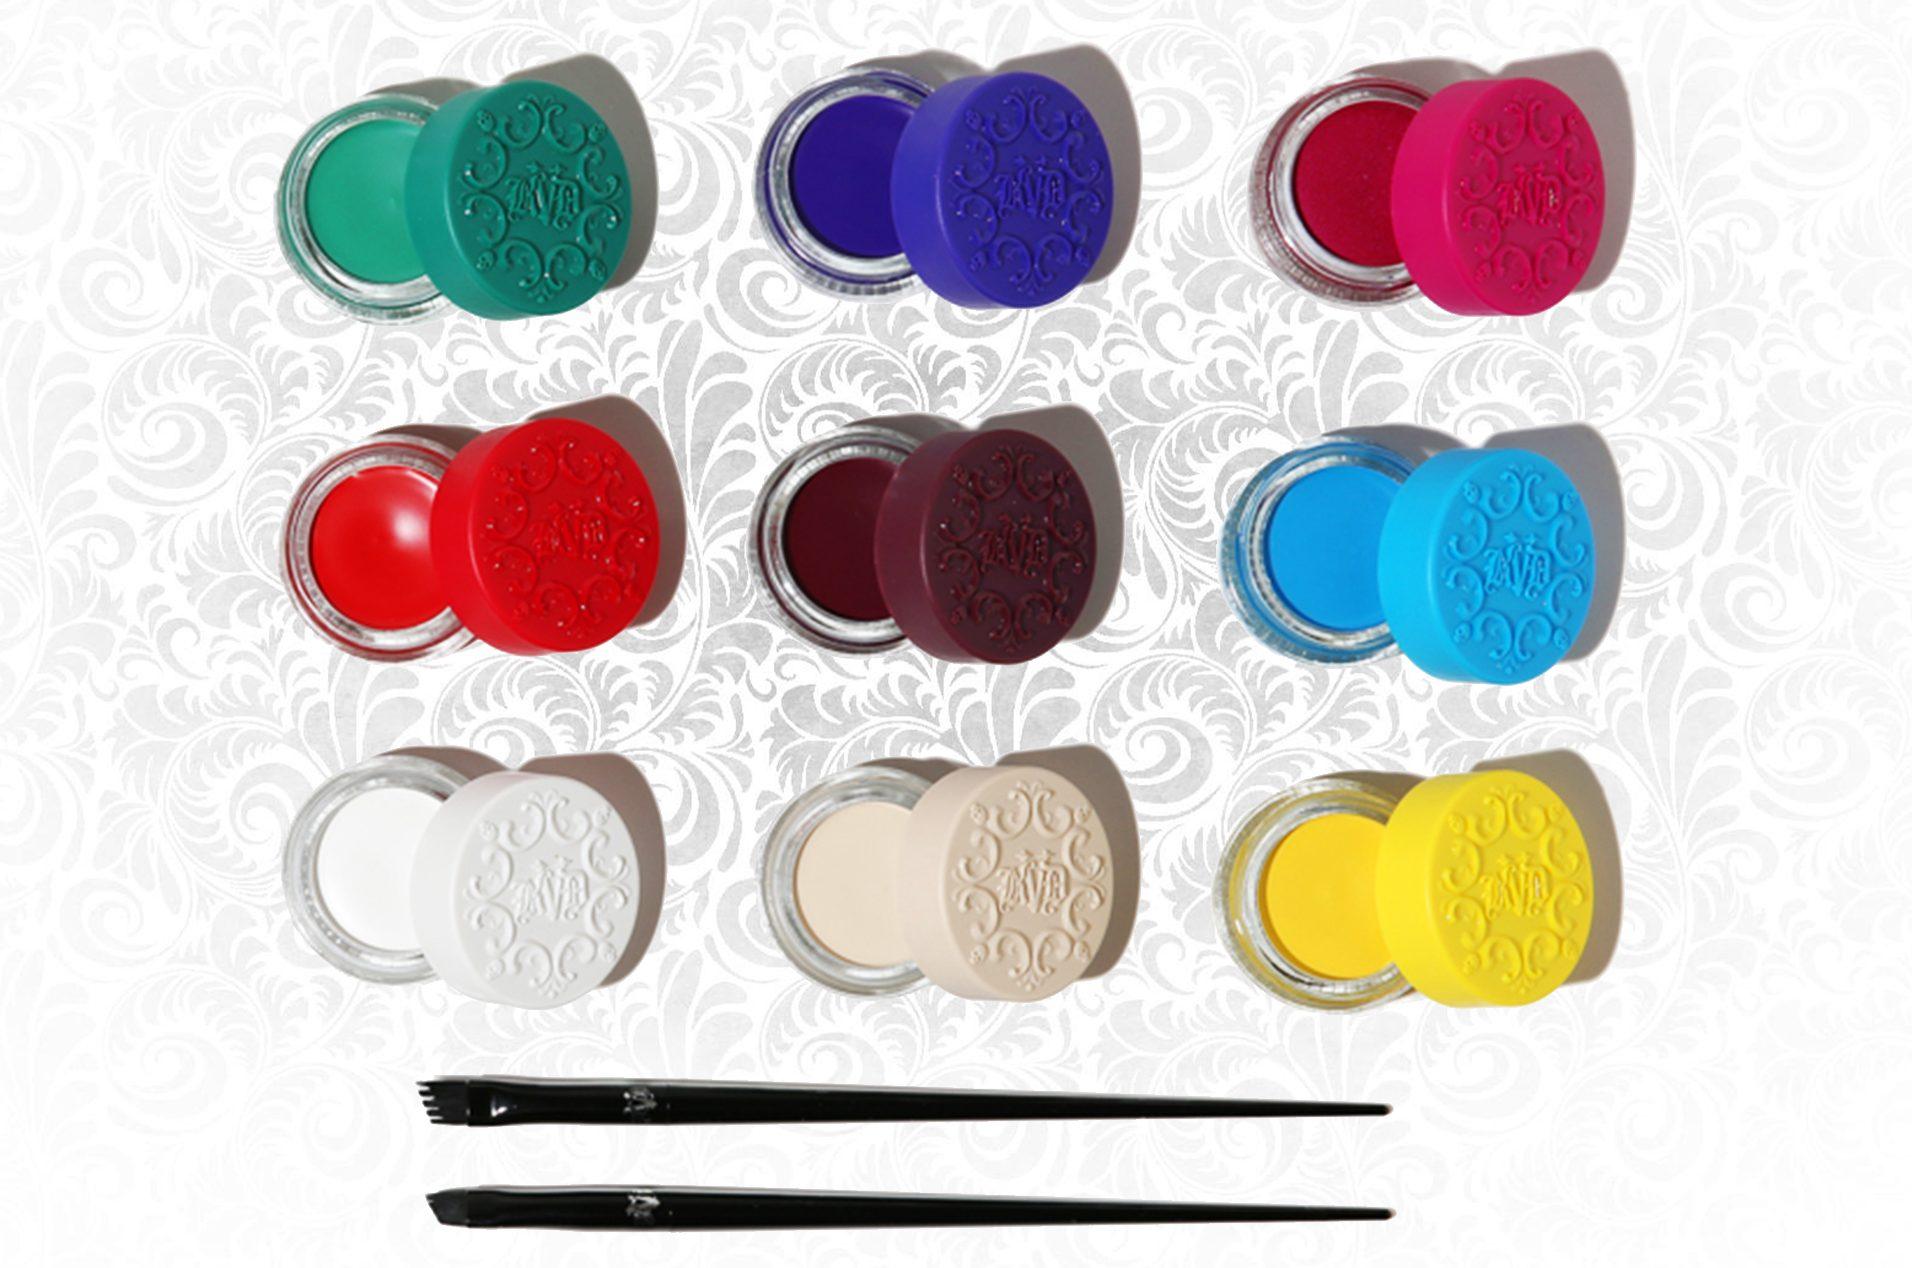 La nuova Kat Von D Brow Collection, l'esclusiva linea per sopracciglia completa di prodotti in crema, ombretti per sopracciglia e matite di precisione - Info, swatch, review, recensione, opinioni, dove acquistare - 24-Hour Super Brow Long-Wear Pomade